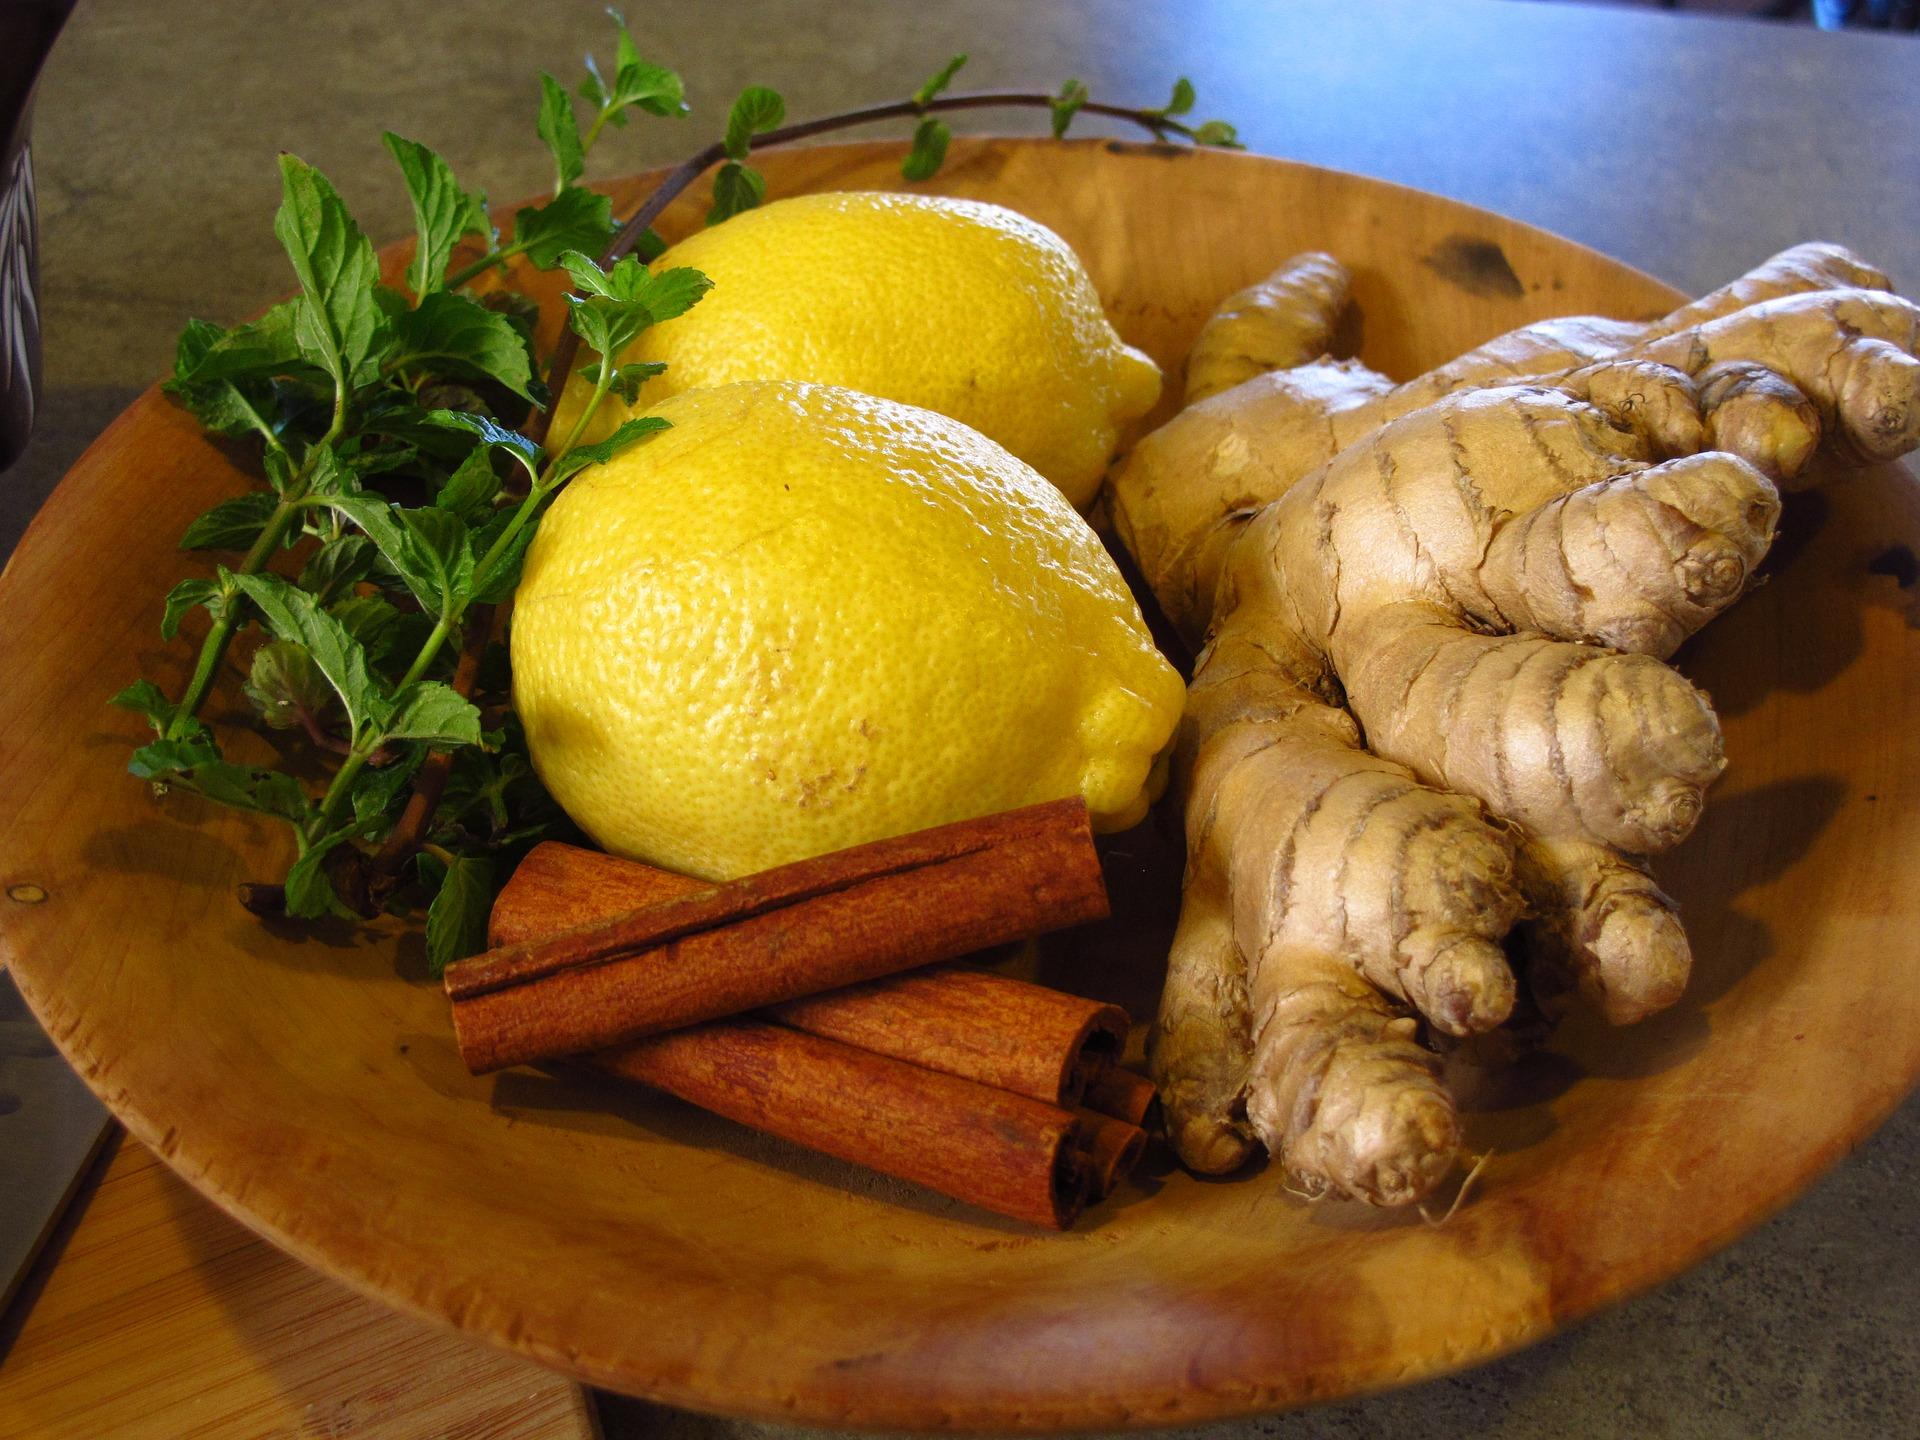 ceai de ghimbir - sfatulparintilor.ro - pixabay_com - lemon-1617434_1920